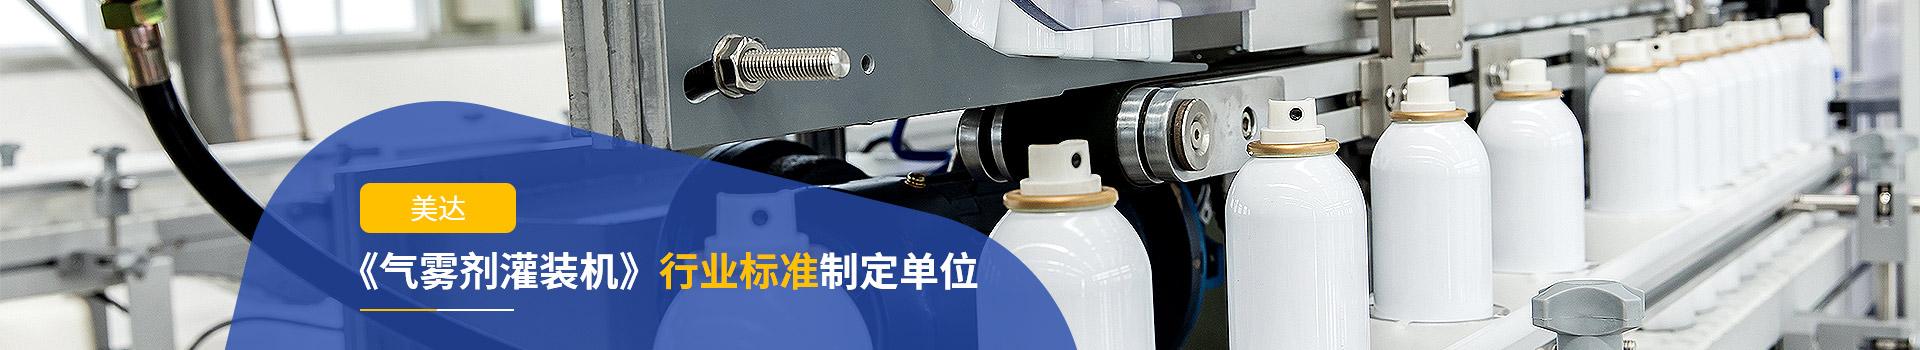 美达气雾剂灌装机行业标准制定单位